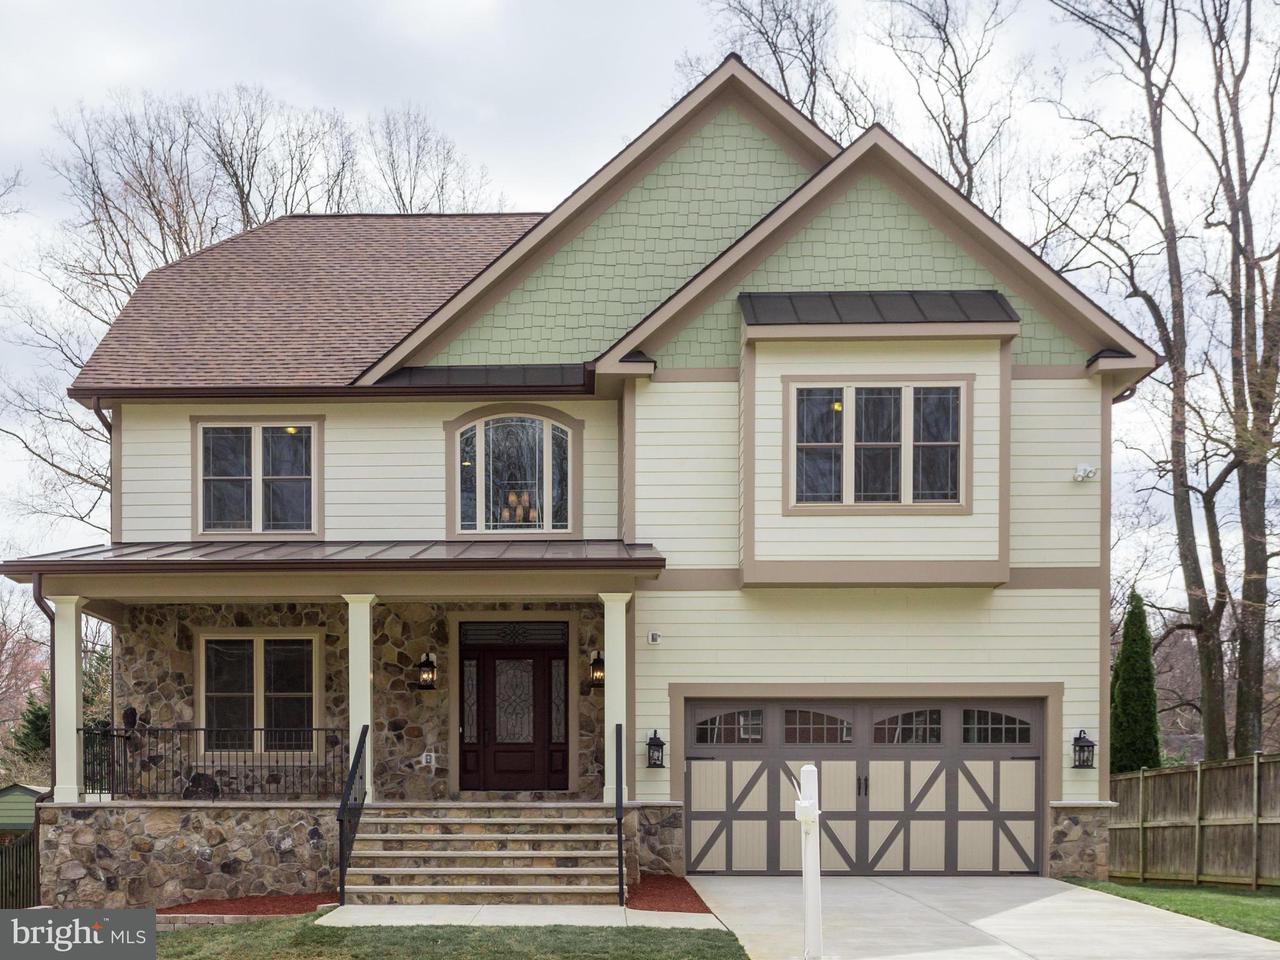 独户住宅 为 销售 在 7227 Timber Lane 7227 Timber Lane 弗尔斯切赫, 弗吉尼亚州 22046 美国